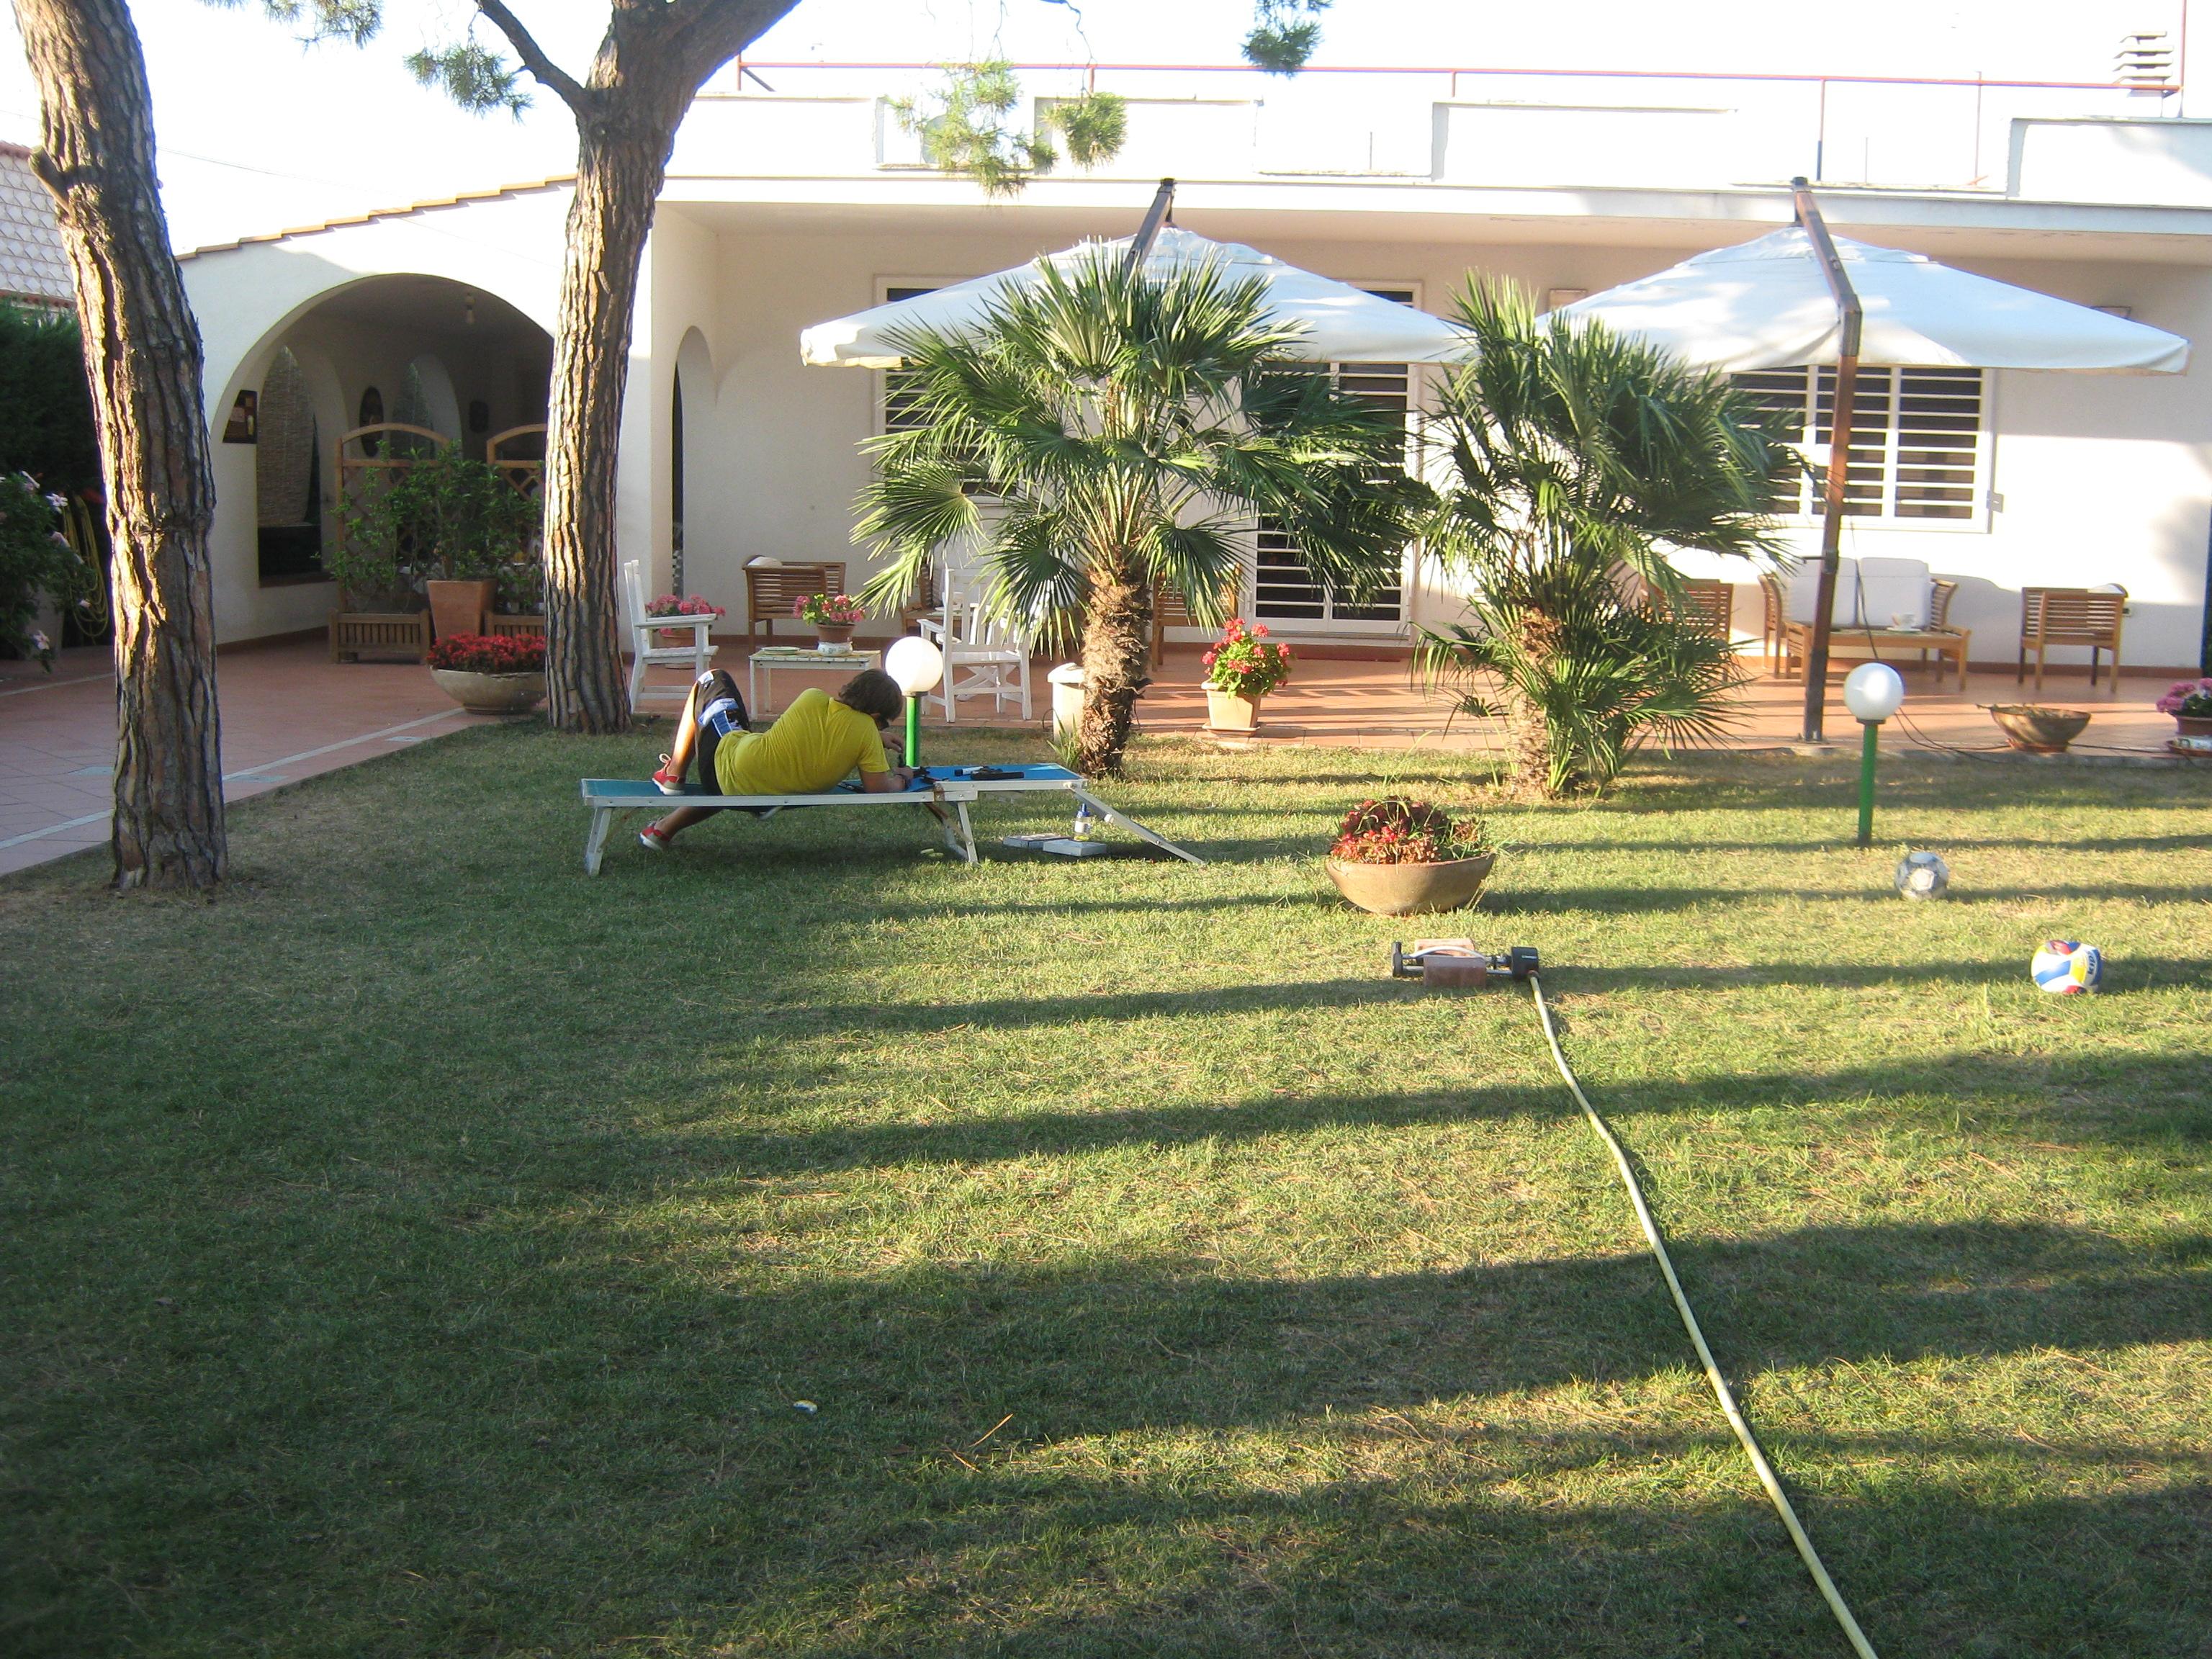 Affittasi Location Garden Holiday Miragu